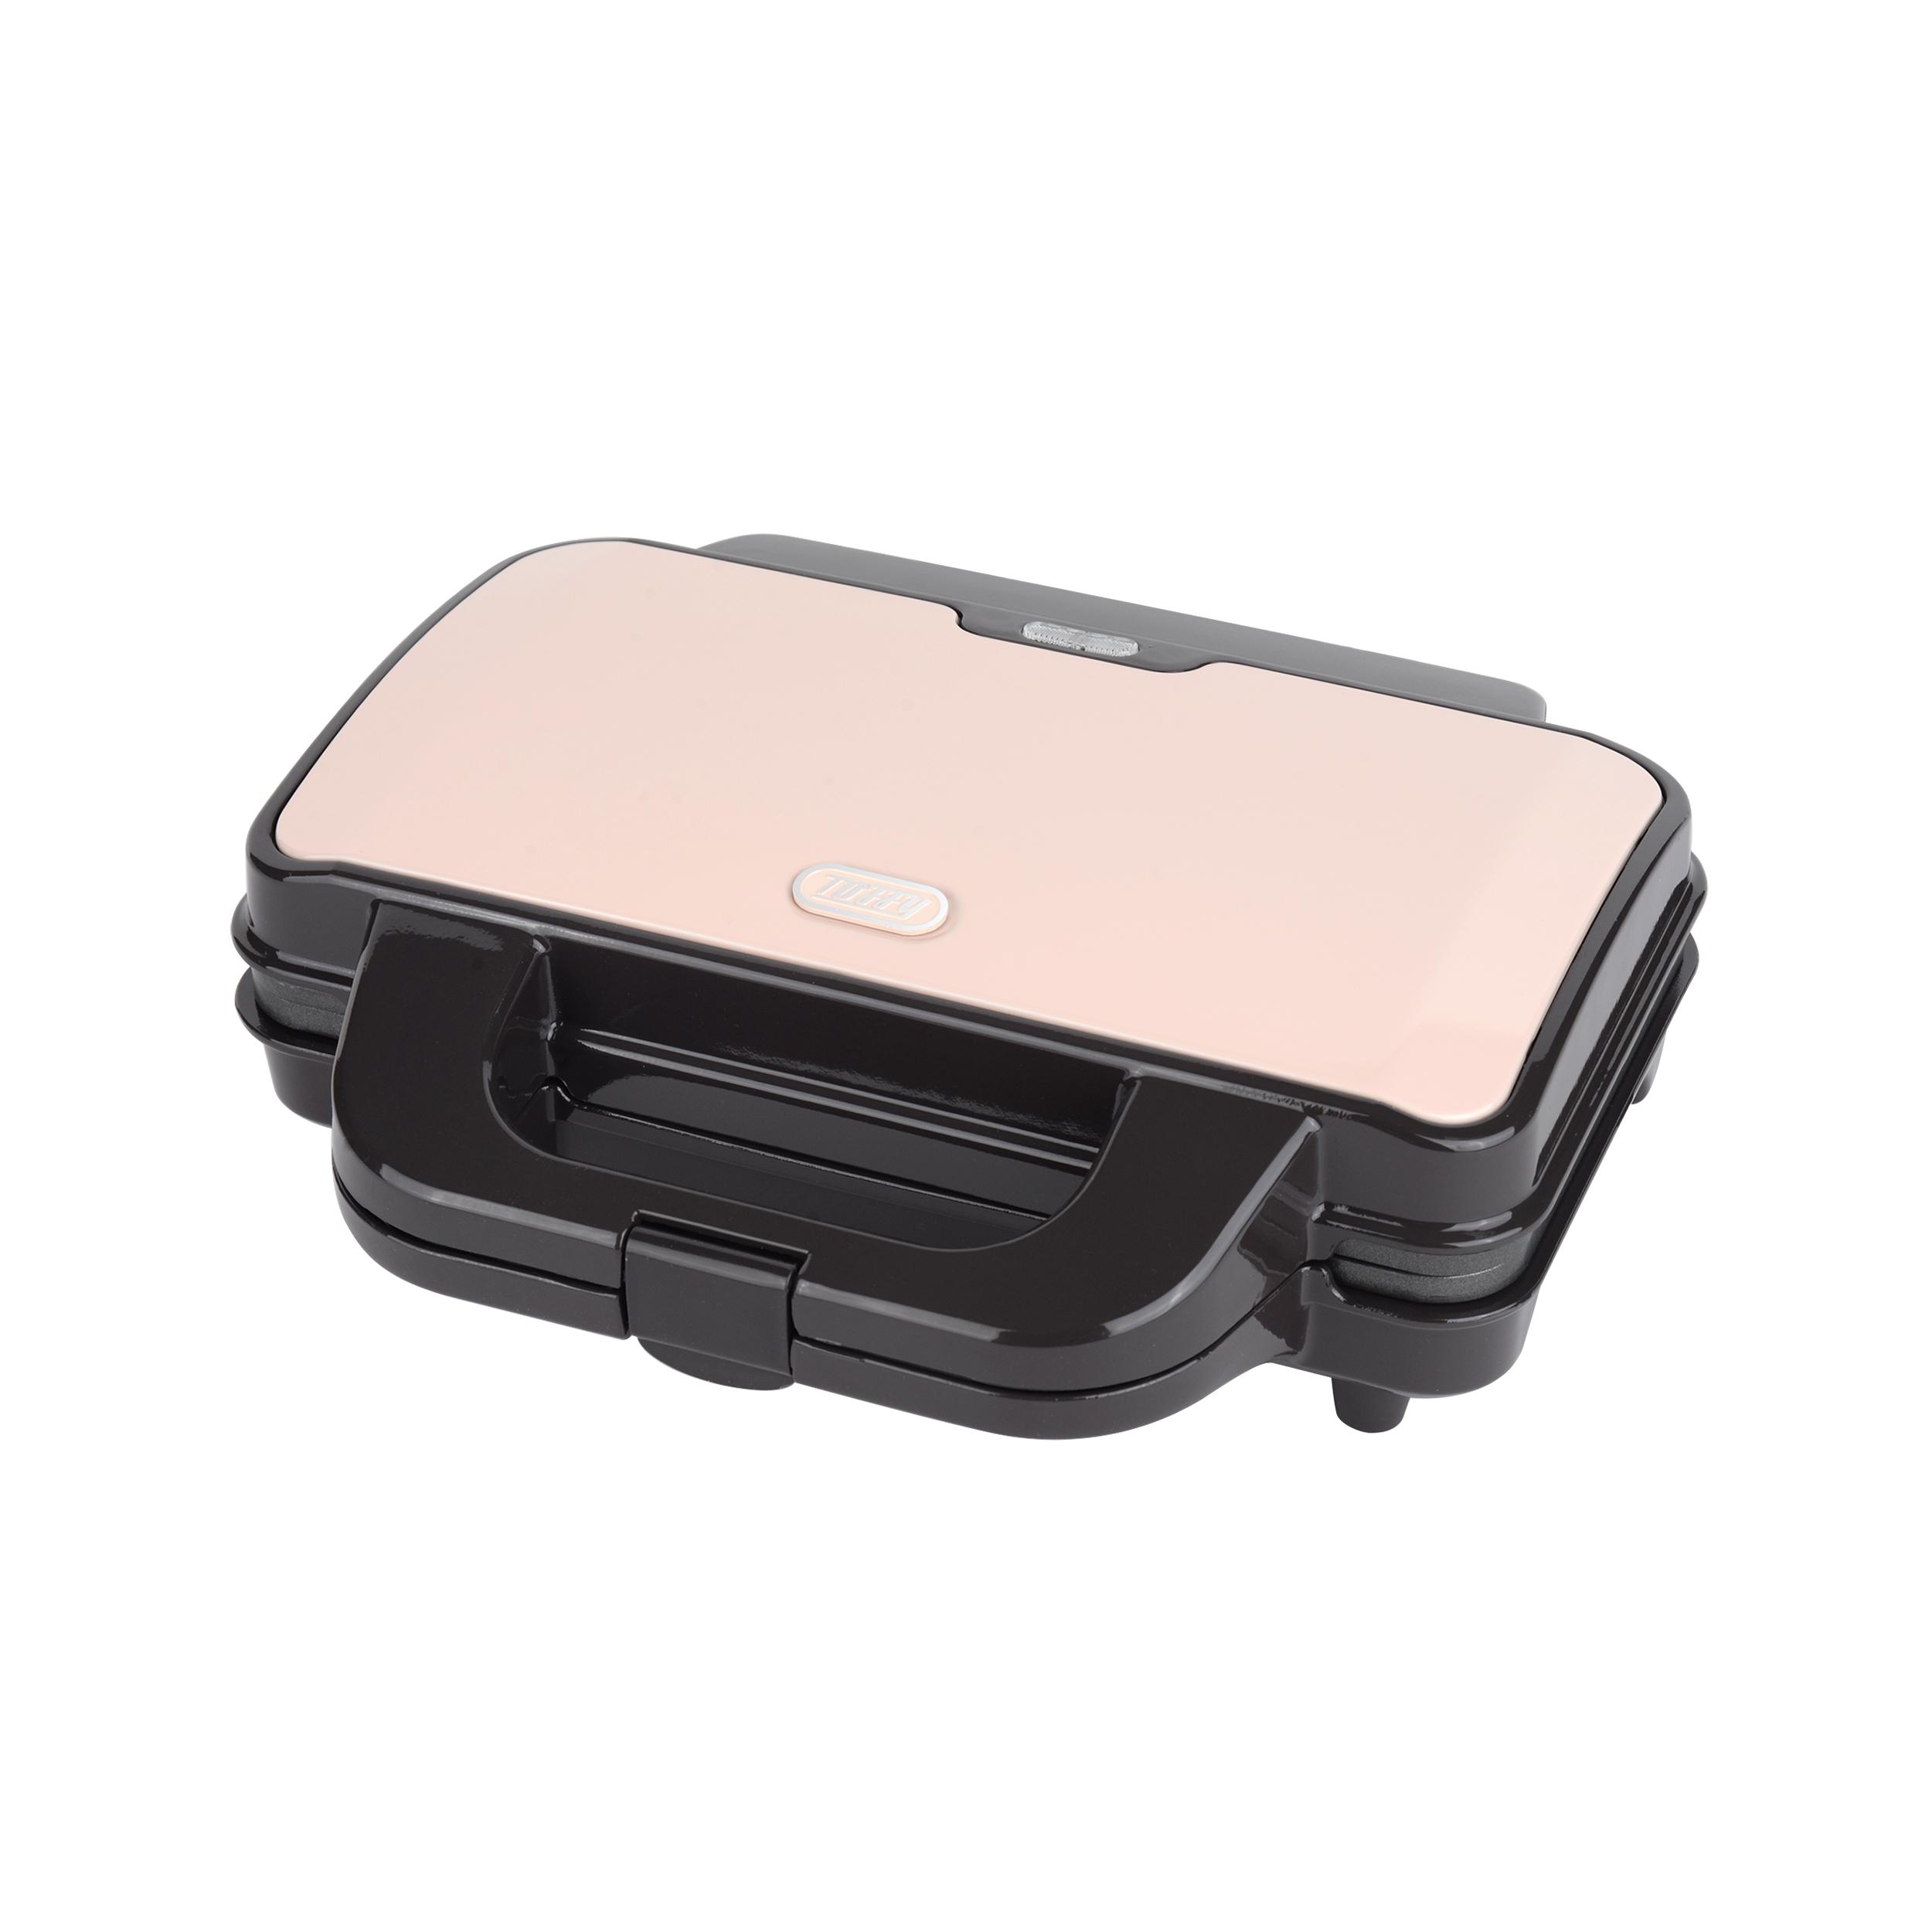 토피 핫 샌드위치 메이커 토스터, K-HS1-KR-SP(셸핑크)